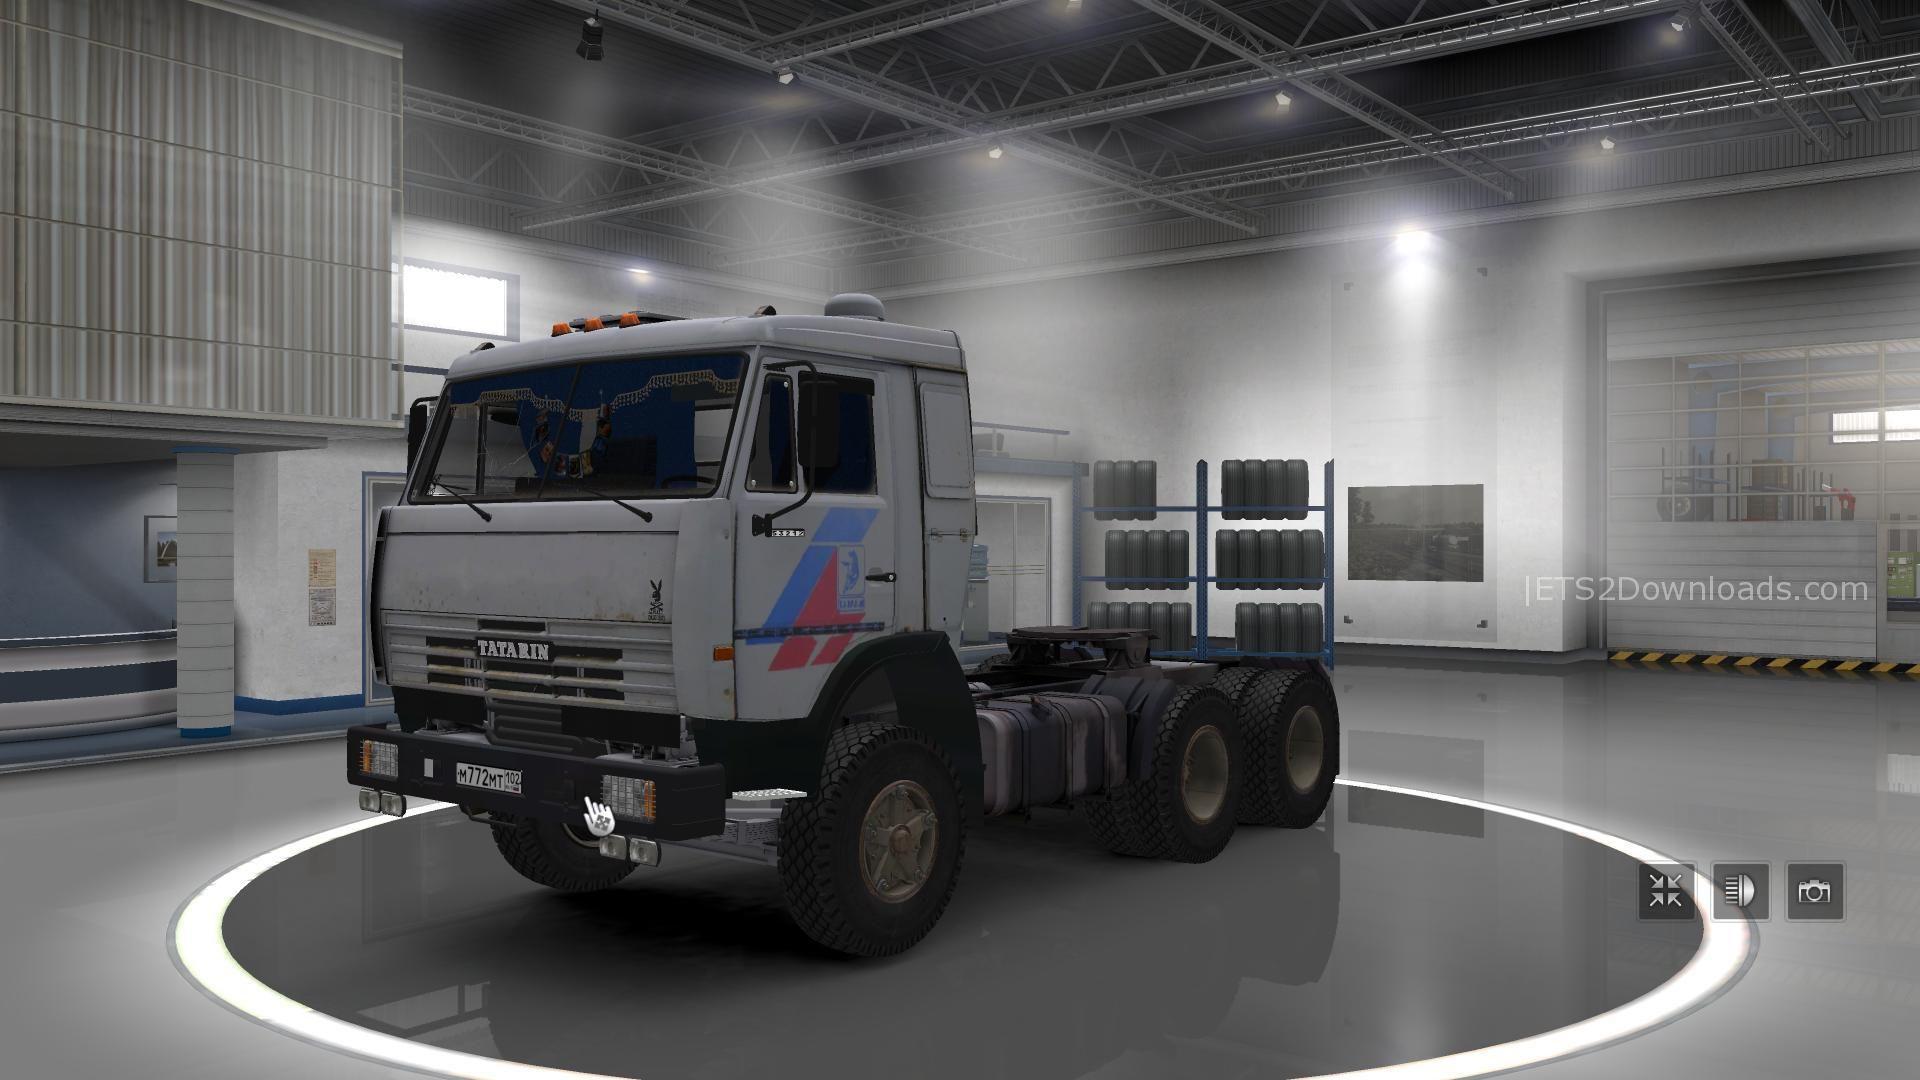 kamaz-5410-1985-tatarin-v1-24-v1-23-1